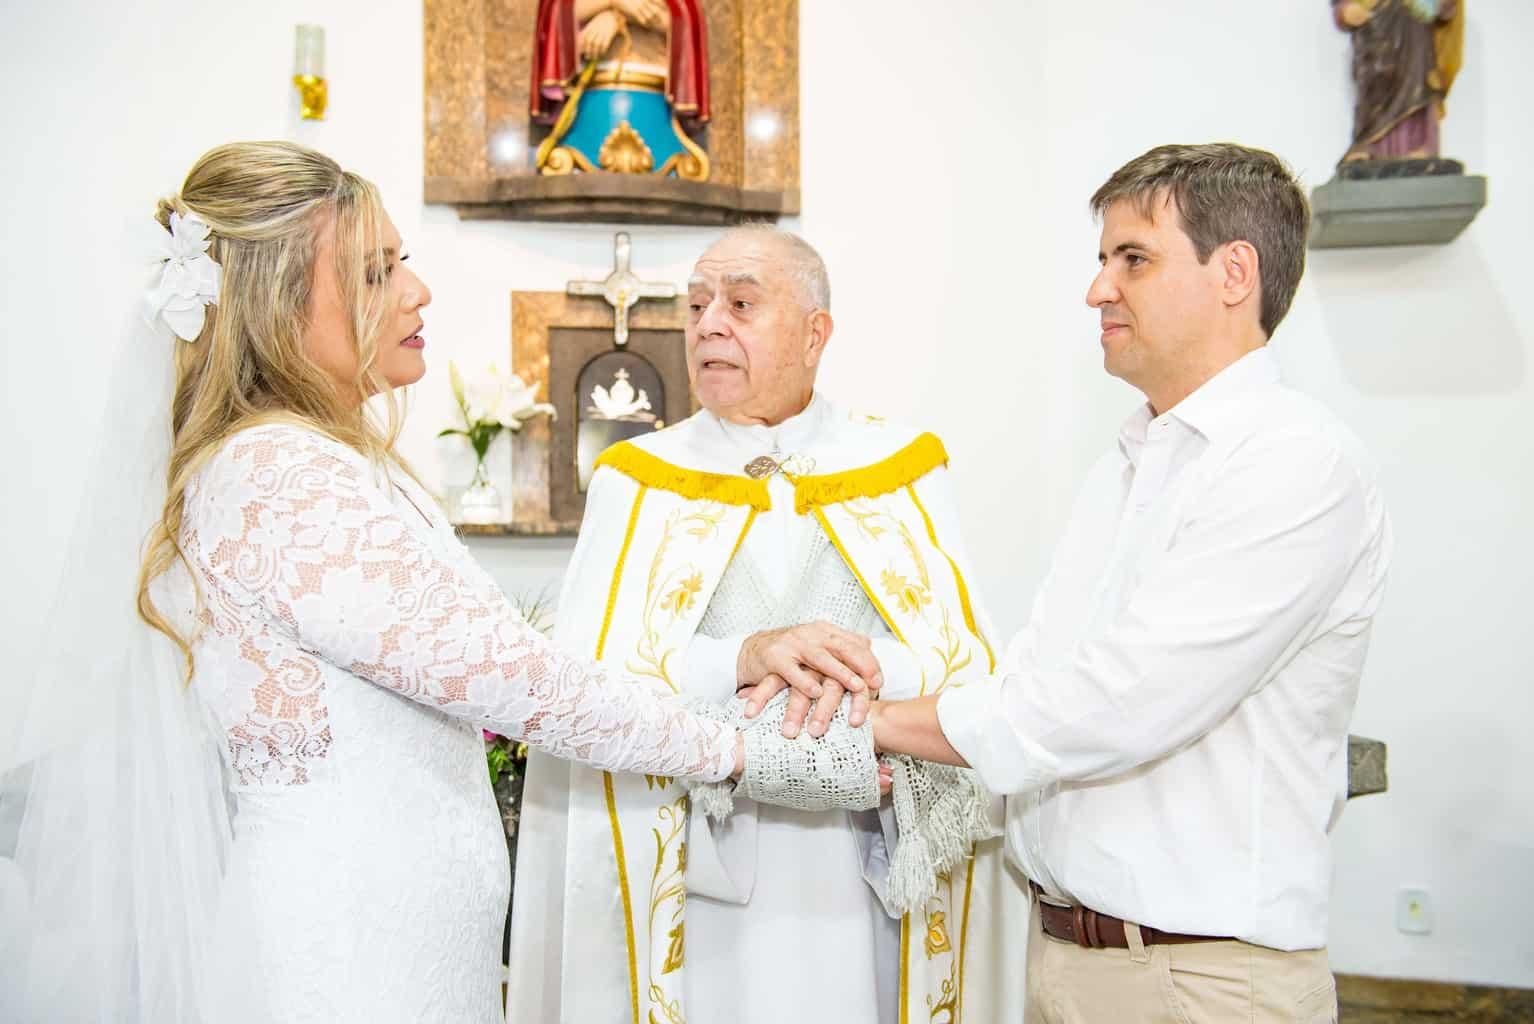 Capela-Santo-Cristo-dos-Milagres-casamento-religioso-Casamento-Roberta-e-Angelo-cerimonia-na-igreja-Danielle-Loureiro123